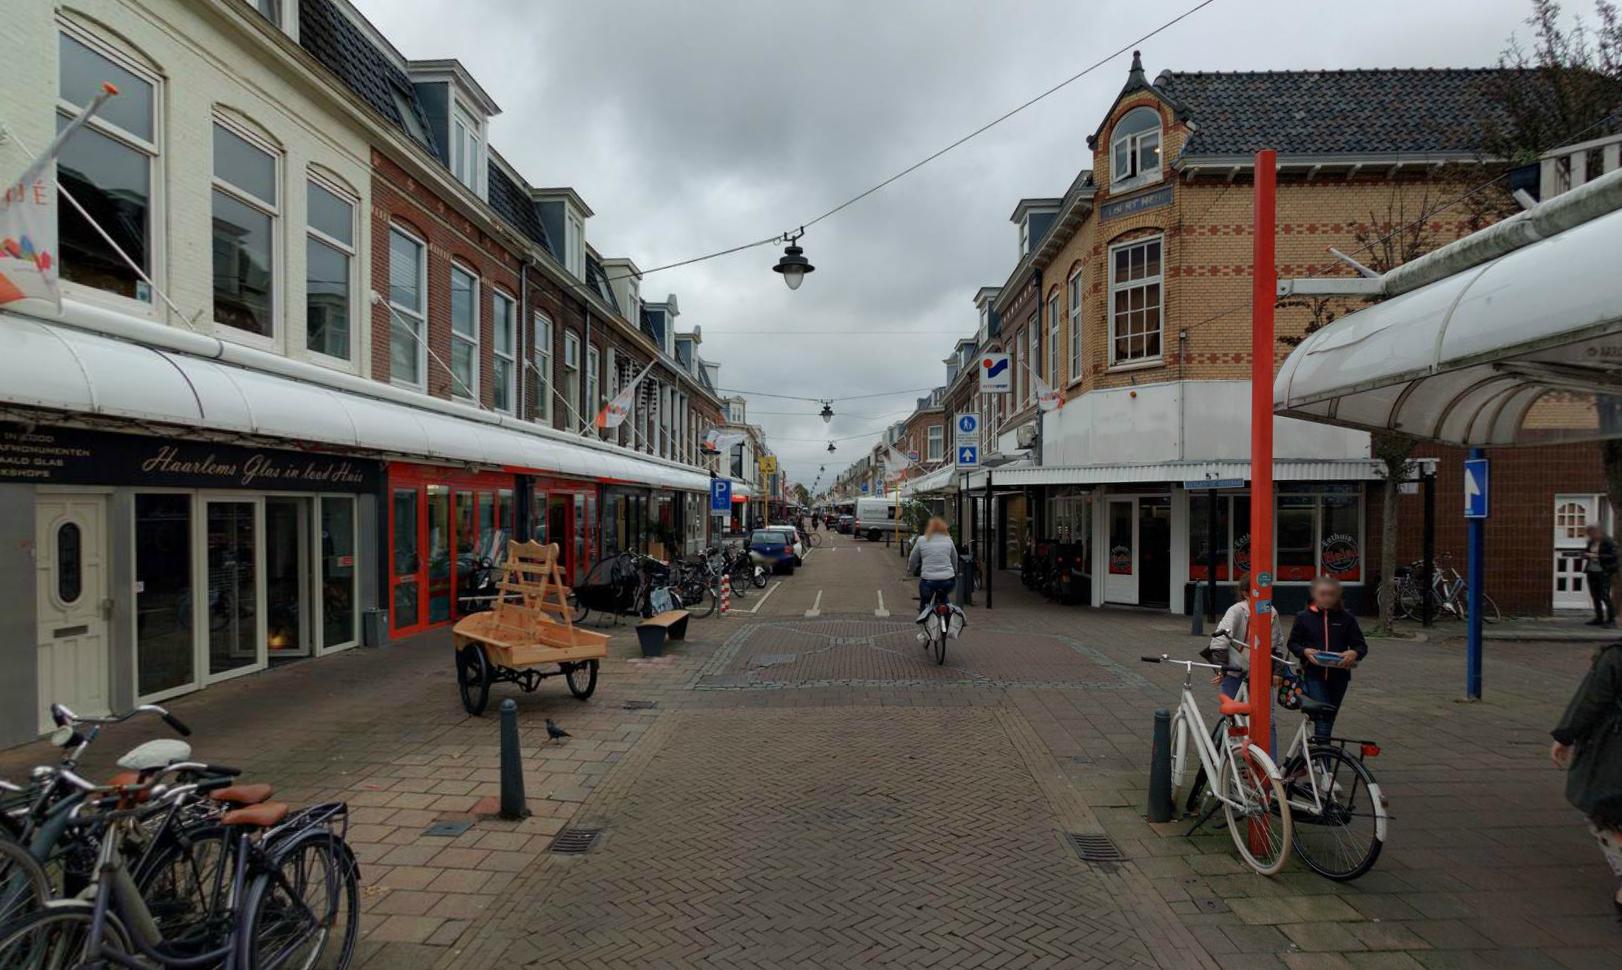 PWN hoorde pas vorig jaar over vervuiling Cronjéstraat Haarlem